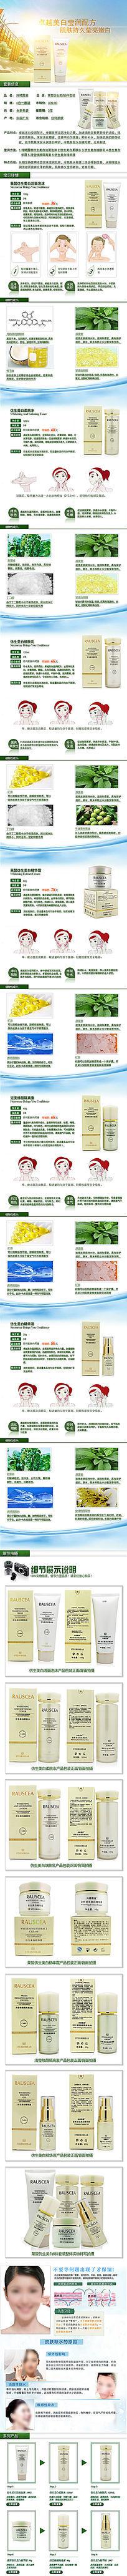 淘宝护肤品美妆详情描述页模板